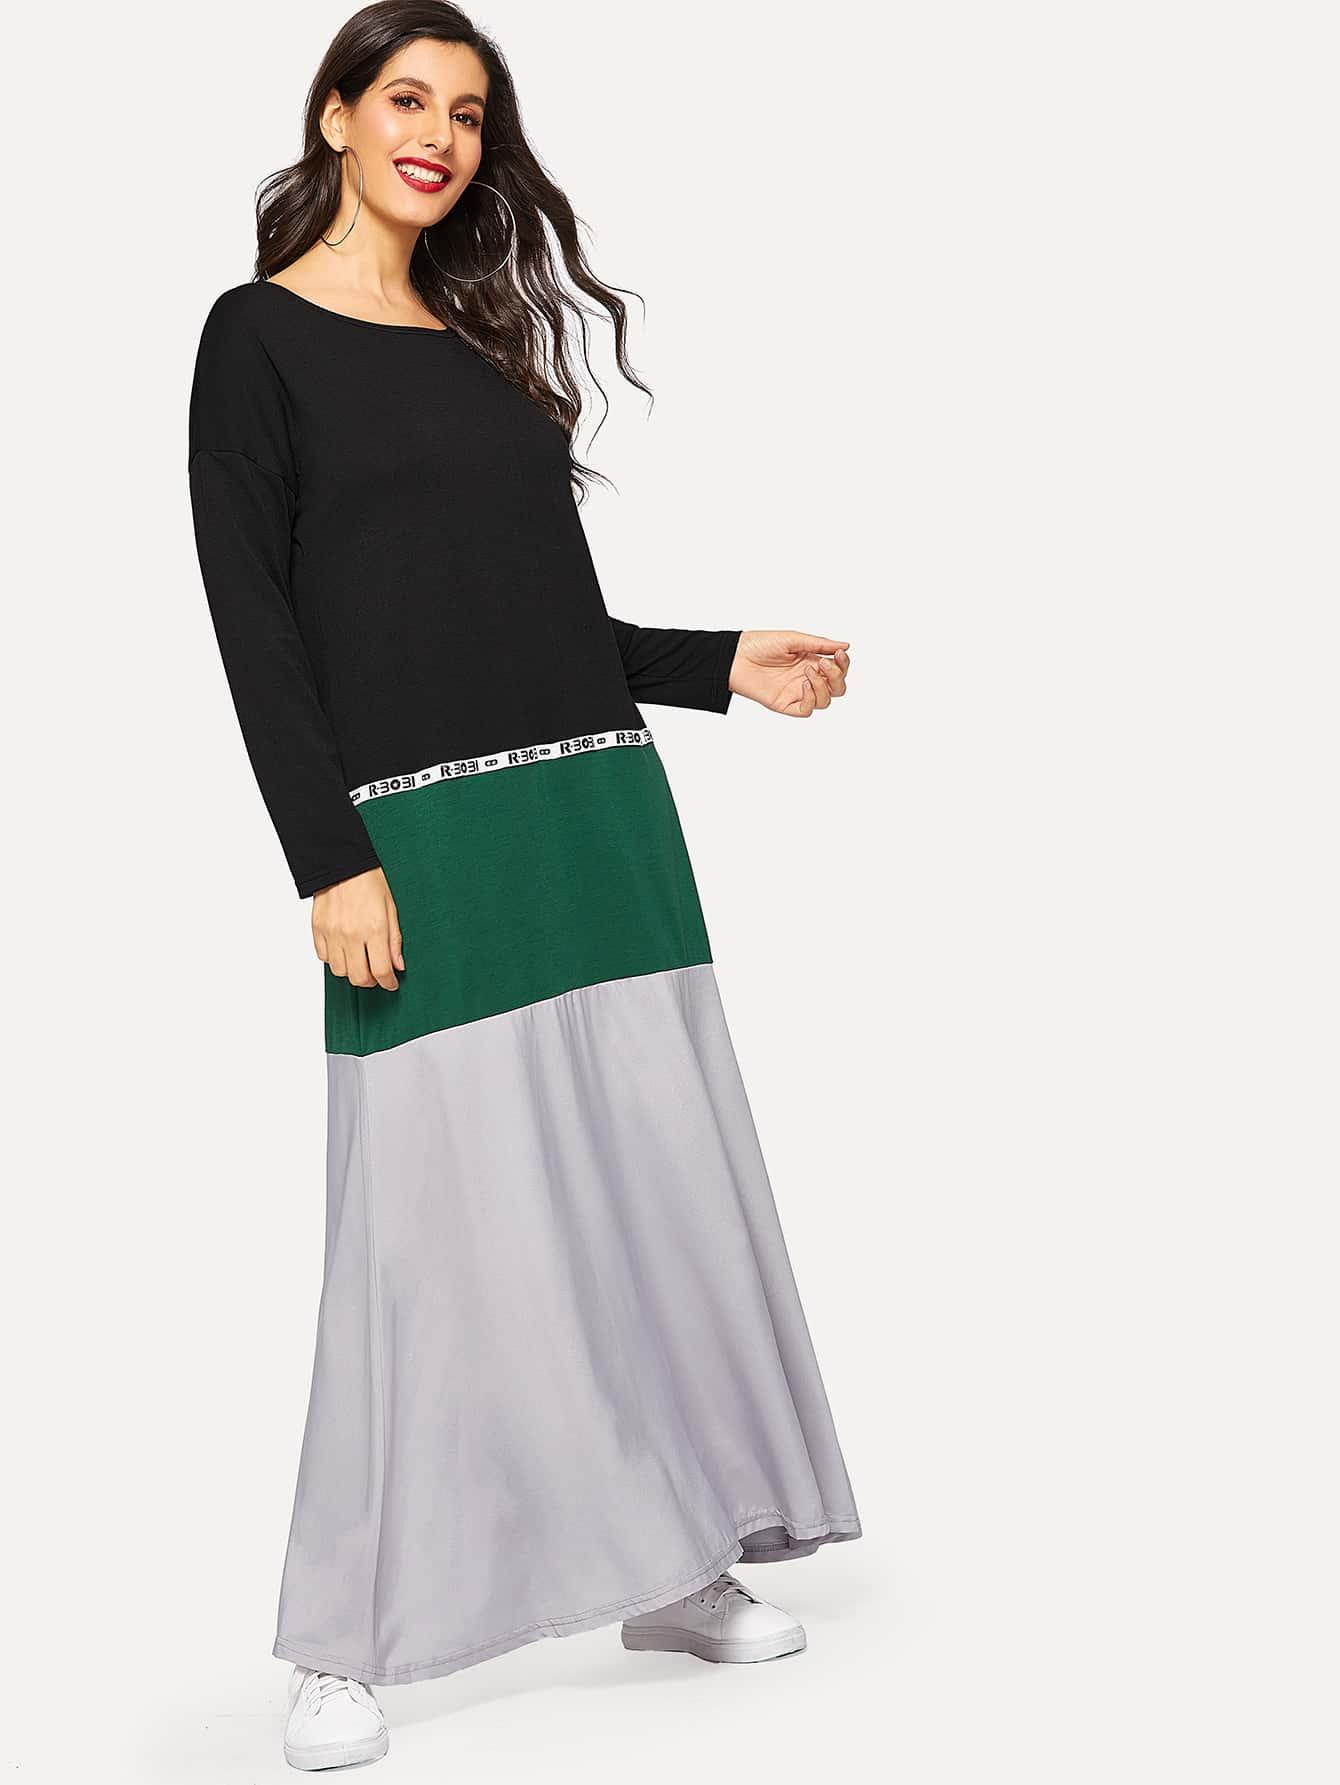 Купить Контрастное длинное платье в полоску с текстовым принтом, Jeane, SheIn